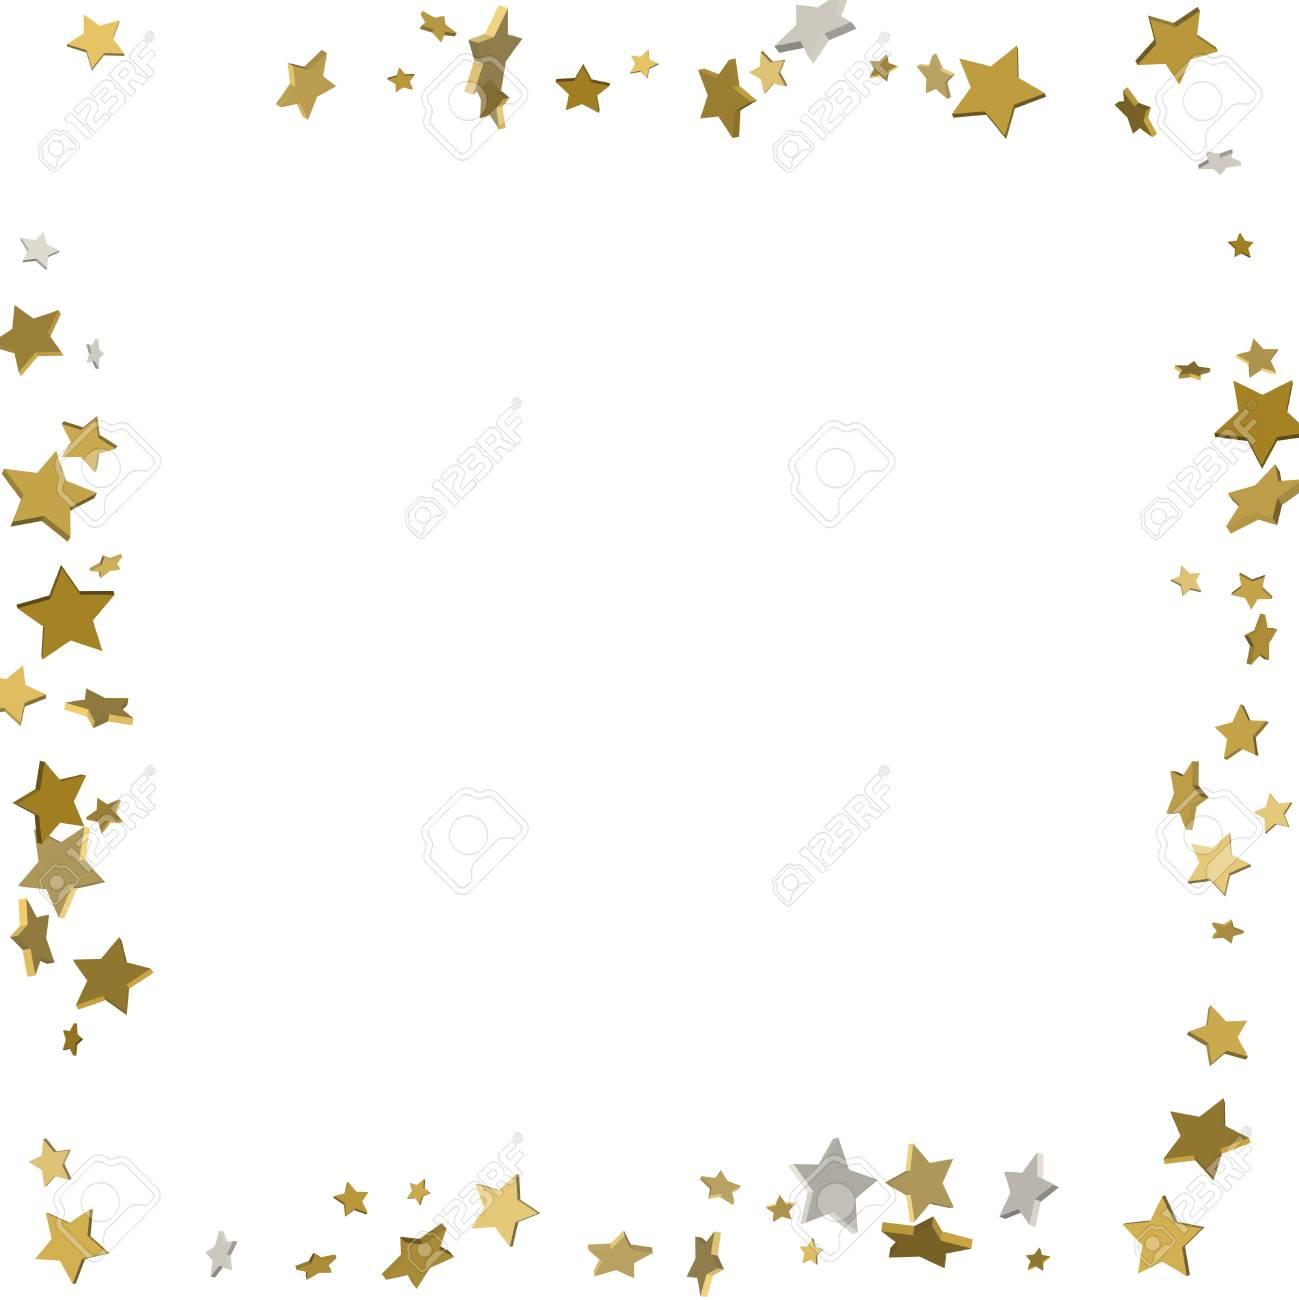 3d Gold Frame Or Border Of Random Scatter Golden Stars On White